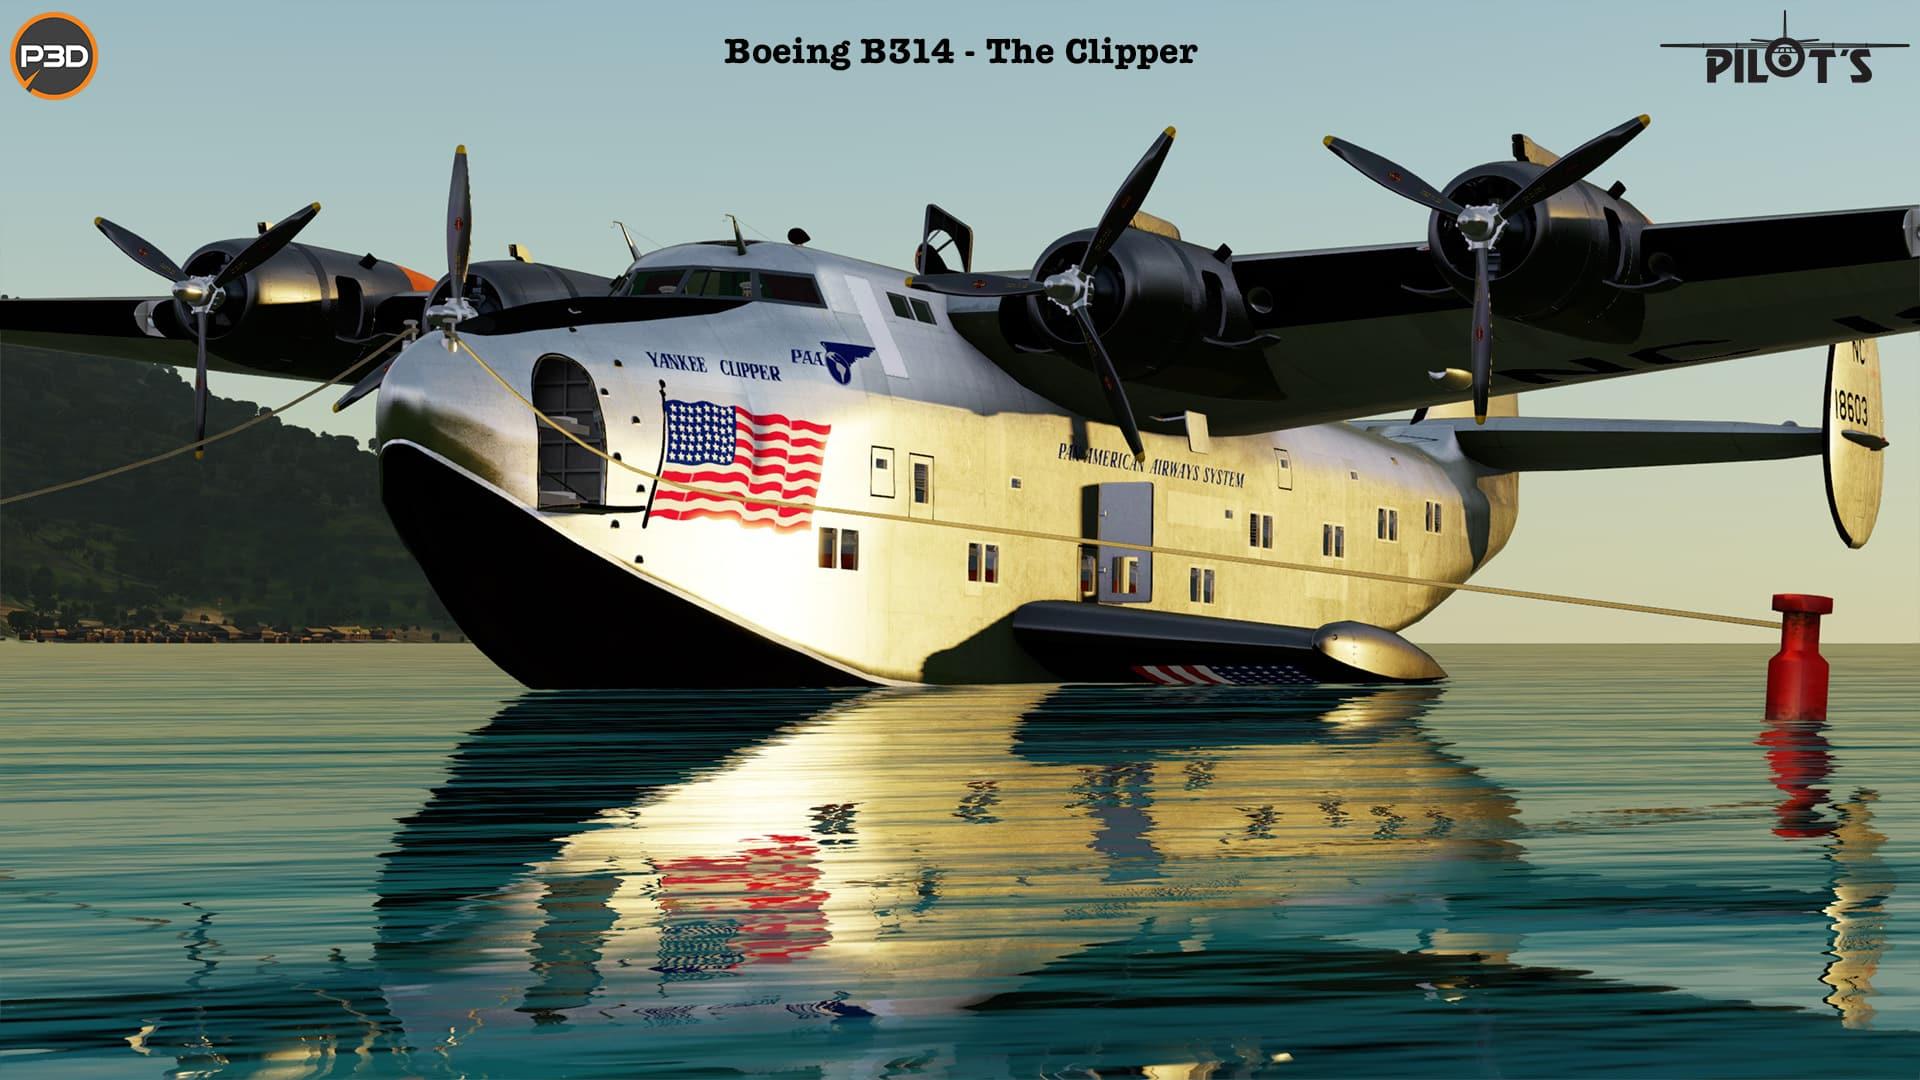 Pilot's FSG – Boeing B314 The Clipper Pro P3D5 P3D4